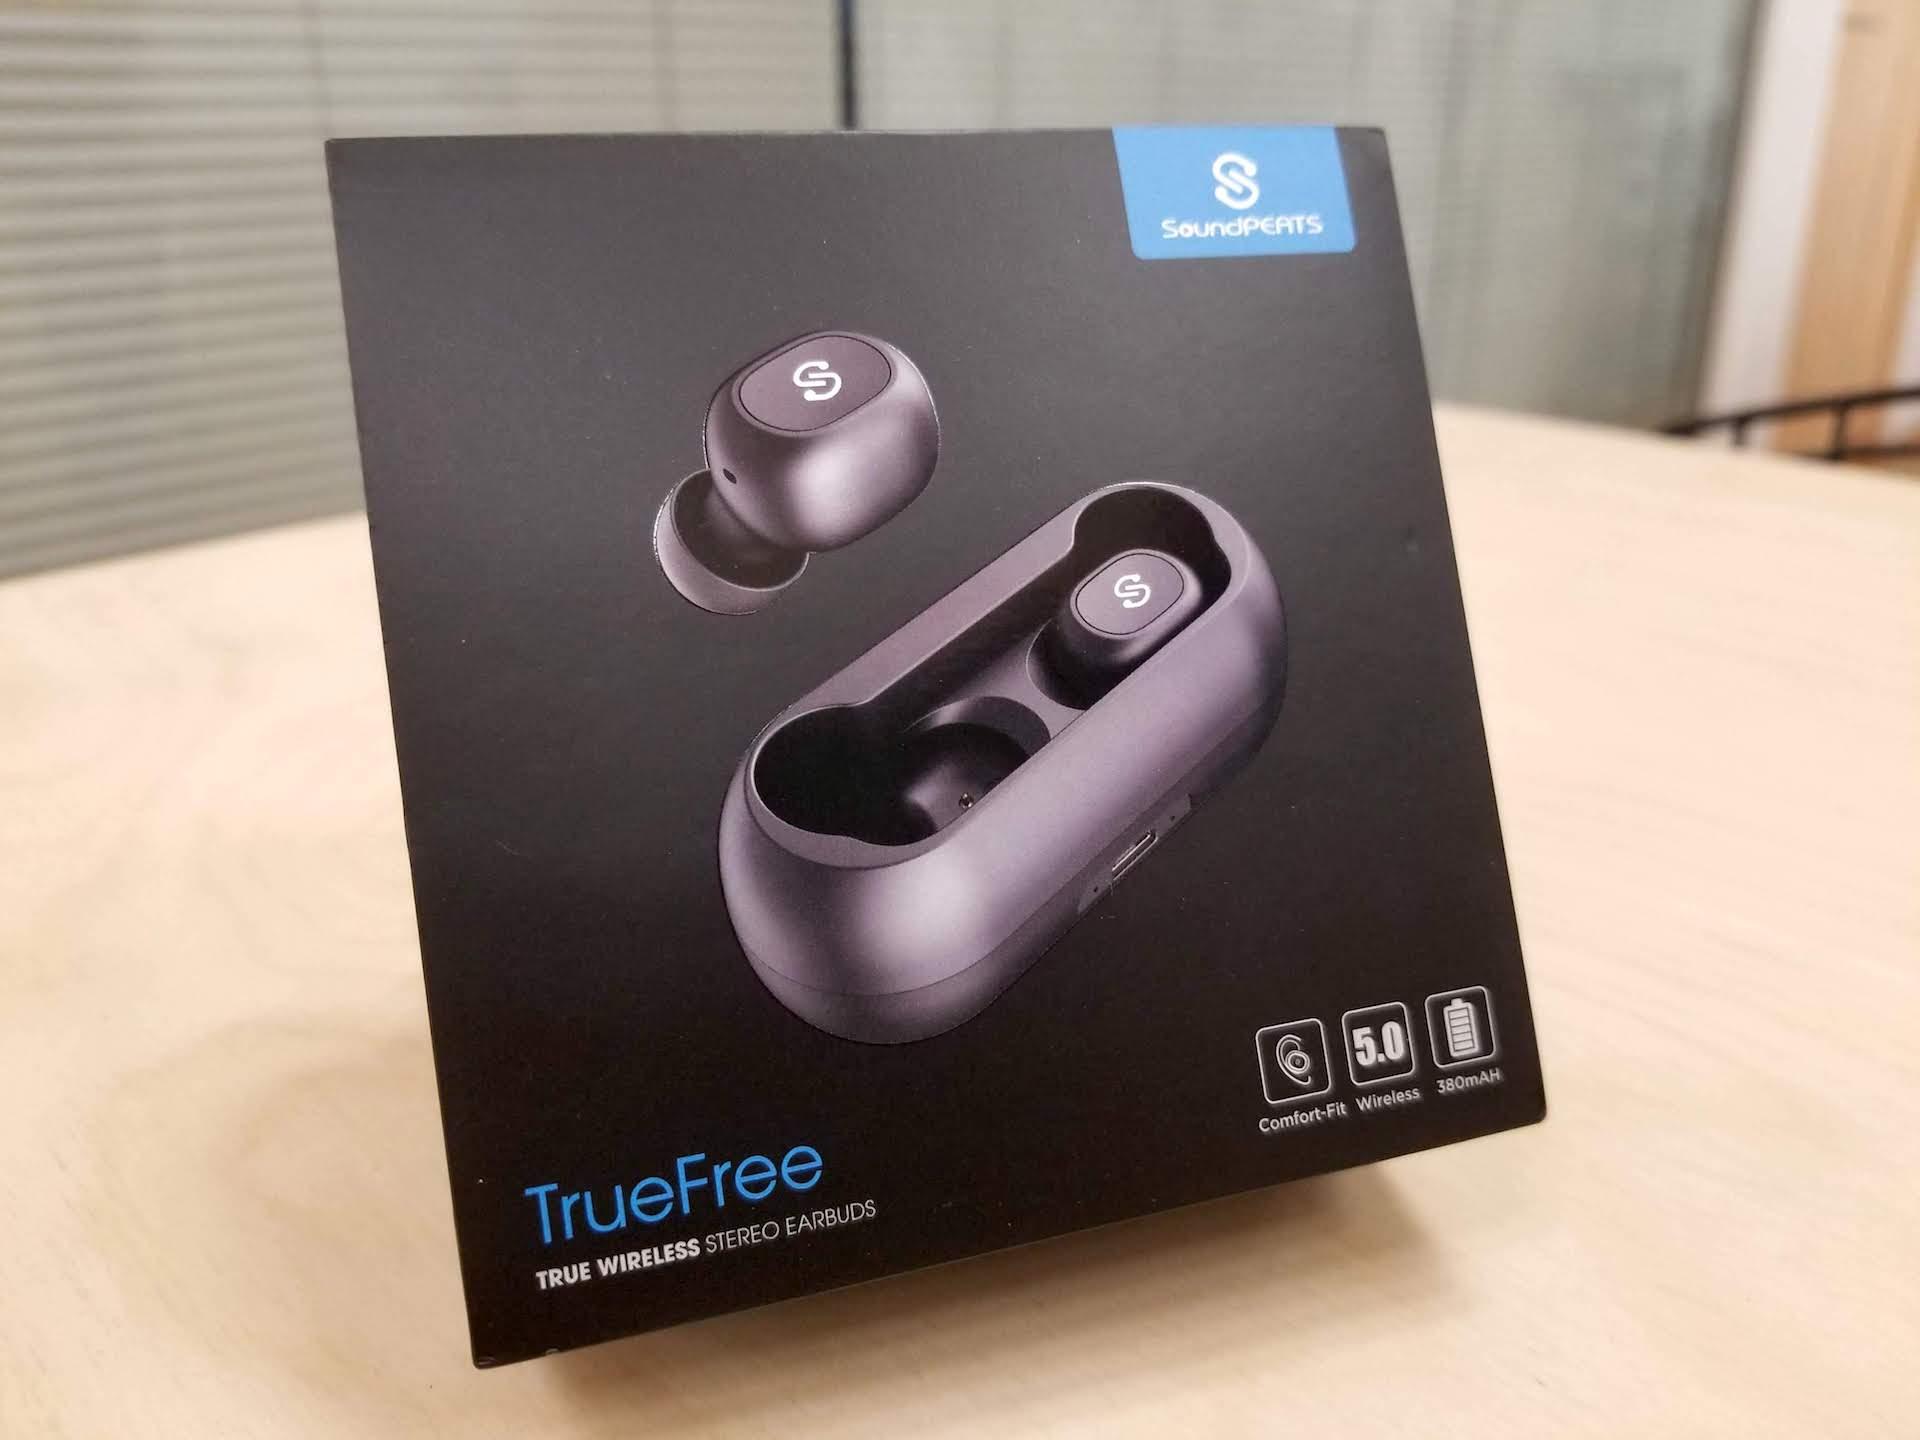 4,000円以下でAAC対応の完全ワイヤレスイヤホンSoundPEATS「TrueFree」をレビュー